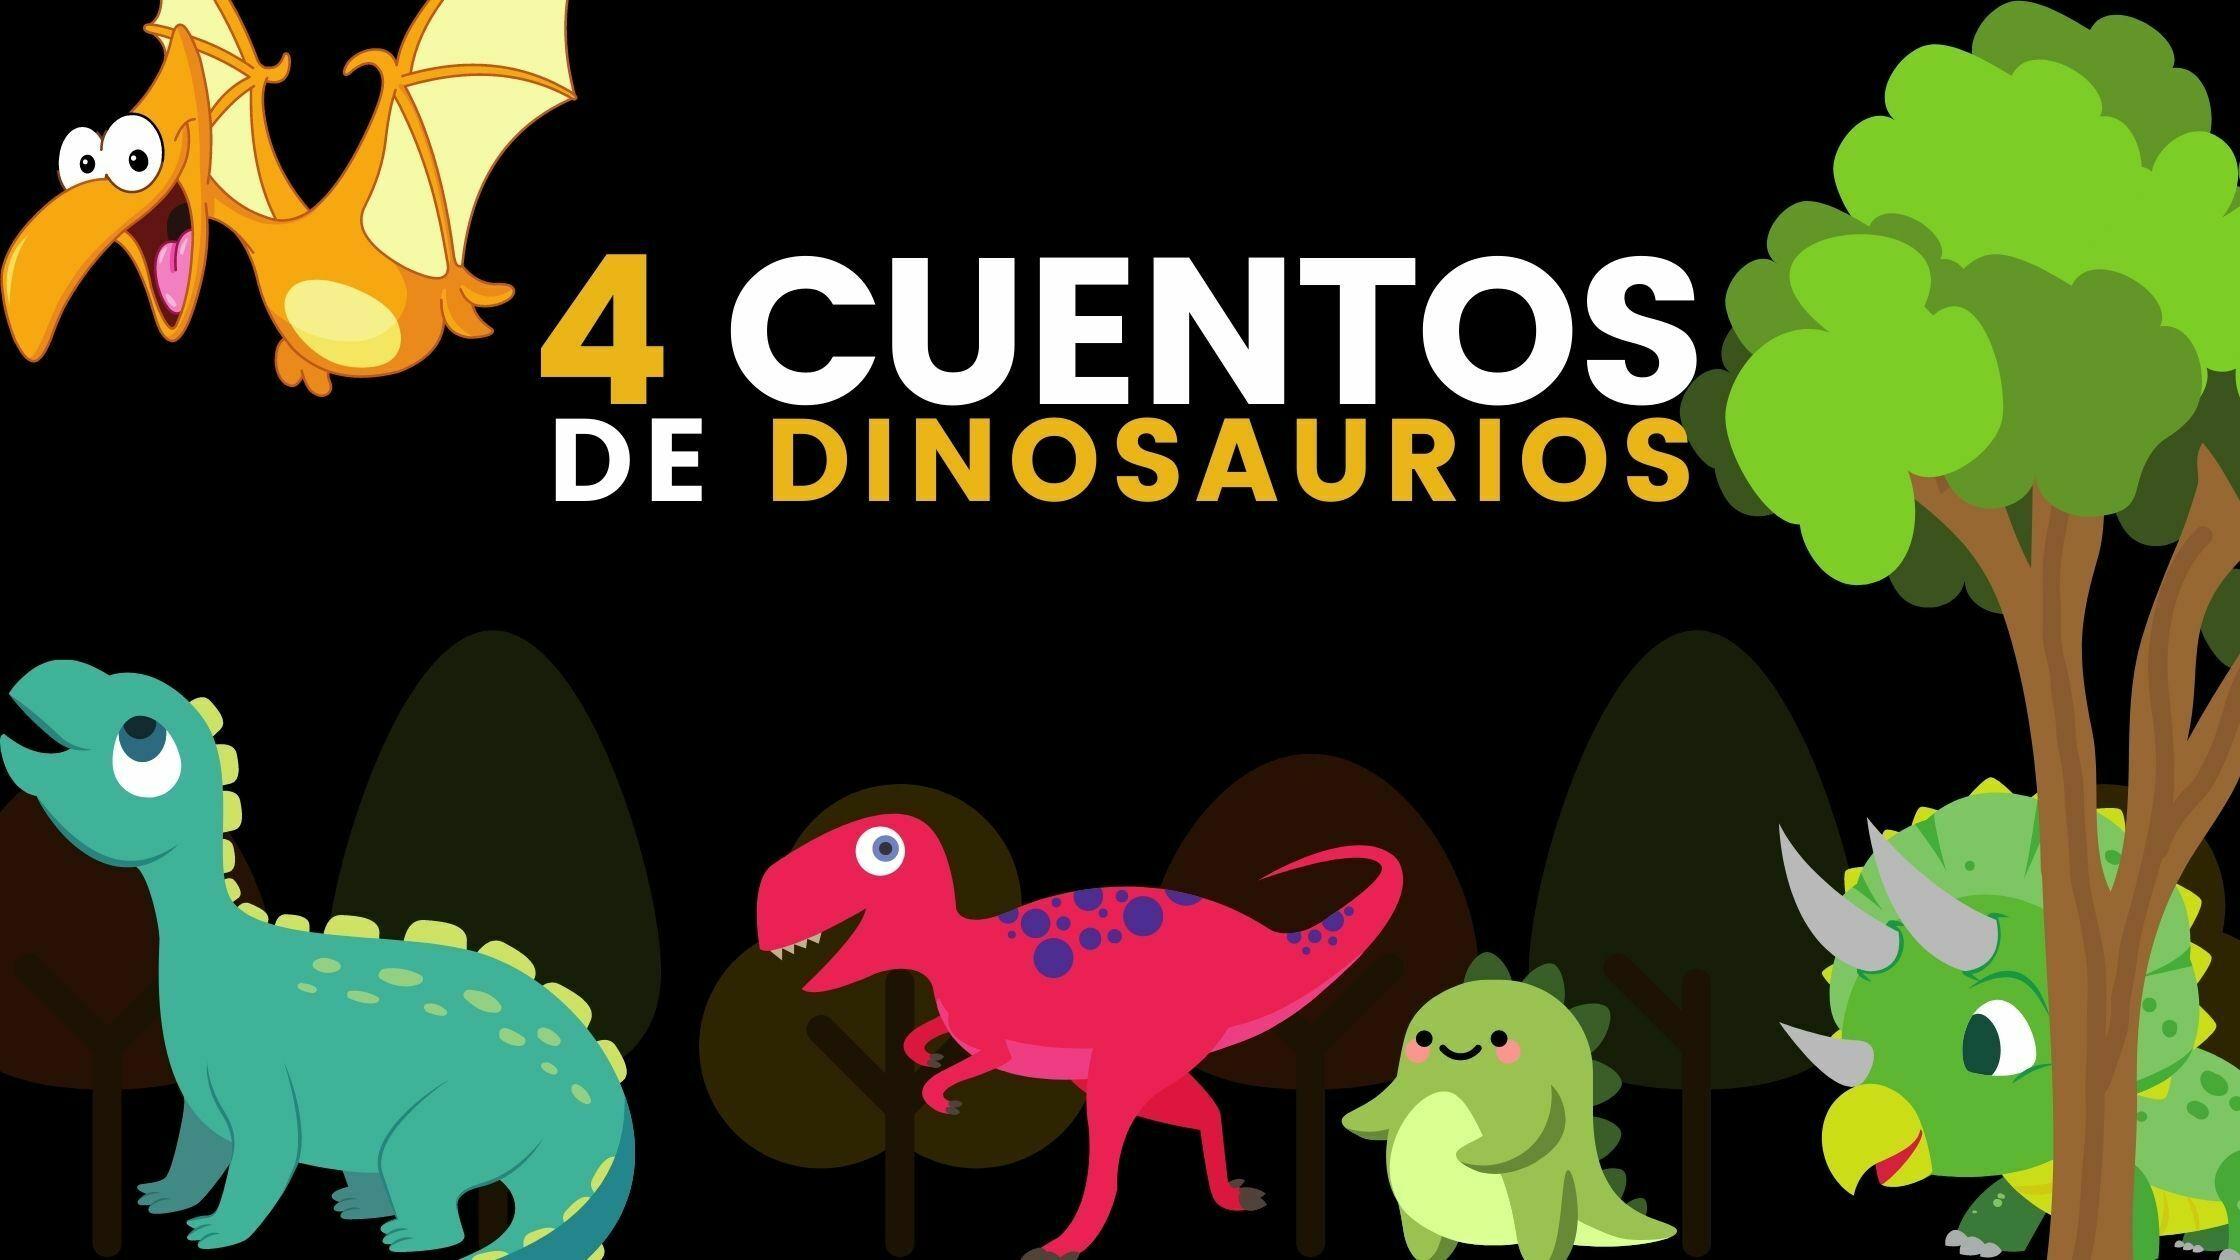 Cuentos cortos para niños de dinosaurios en español